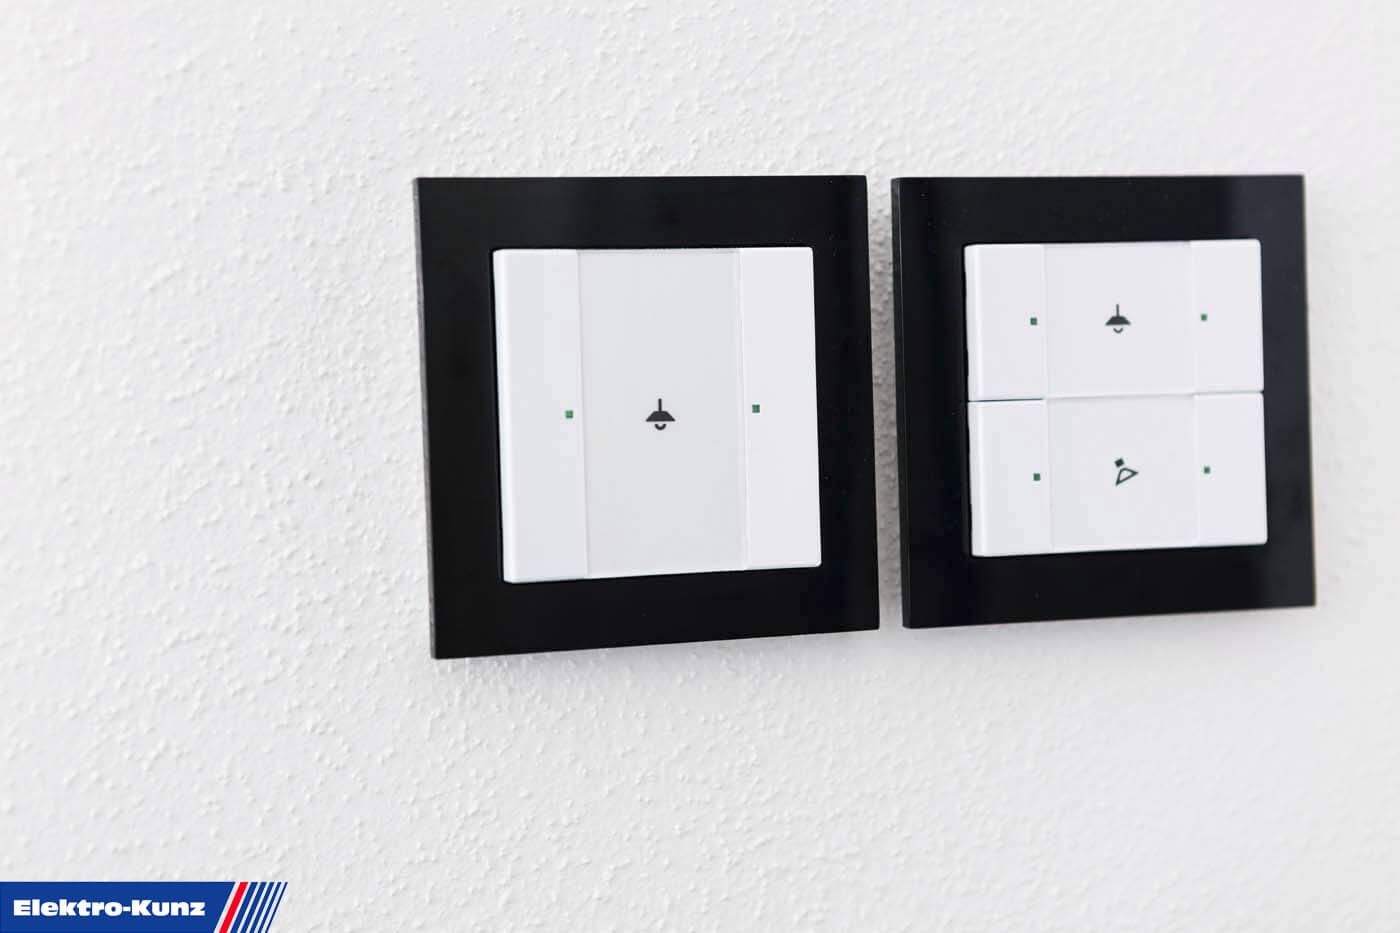 Fein Elektrische Schalter Für Zuhause Zeitgenössisch - Der ...